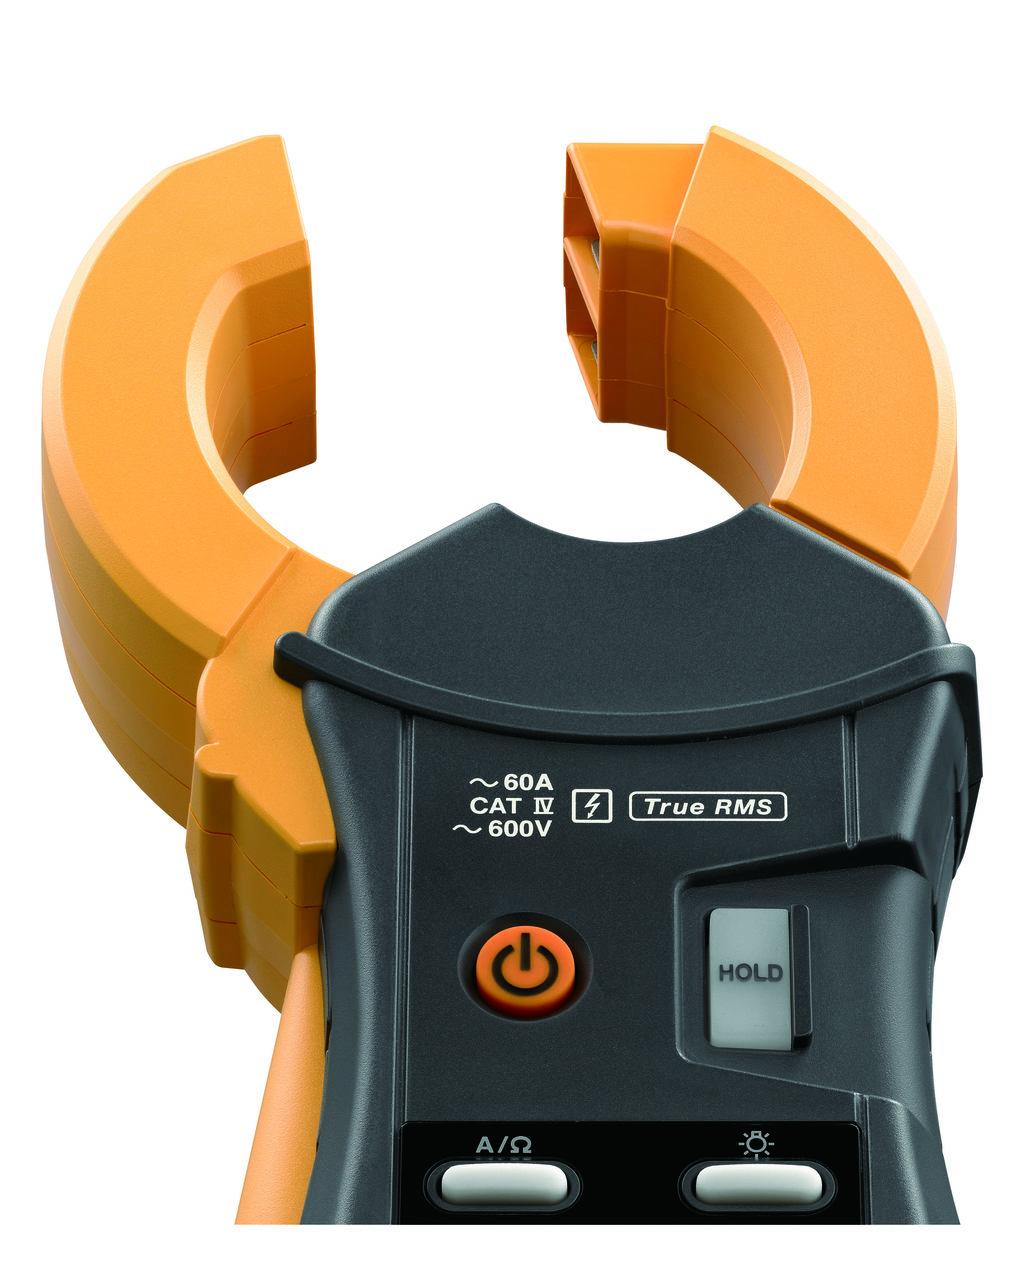 FT6380 - Alicate Terrômetro CAT IV 600V